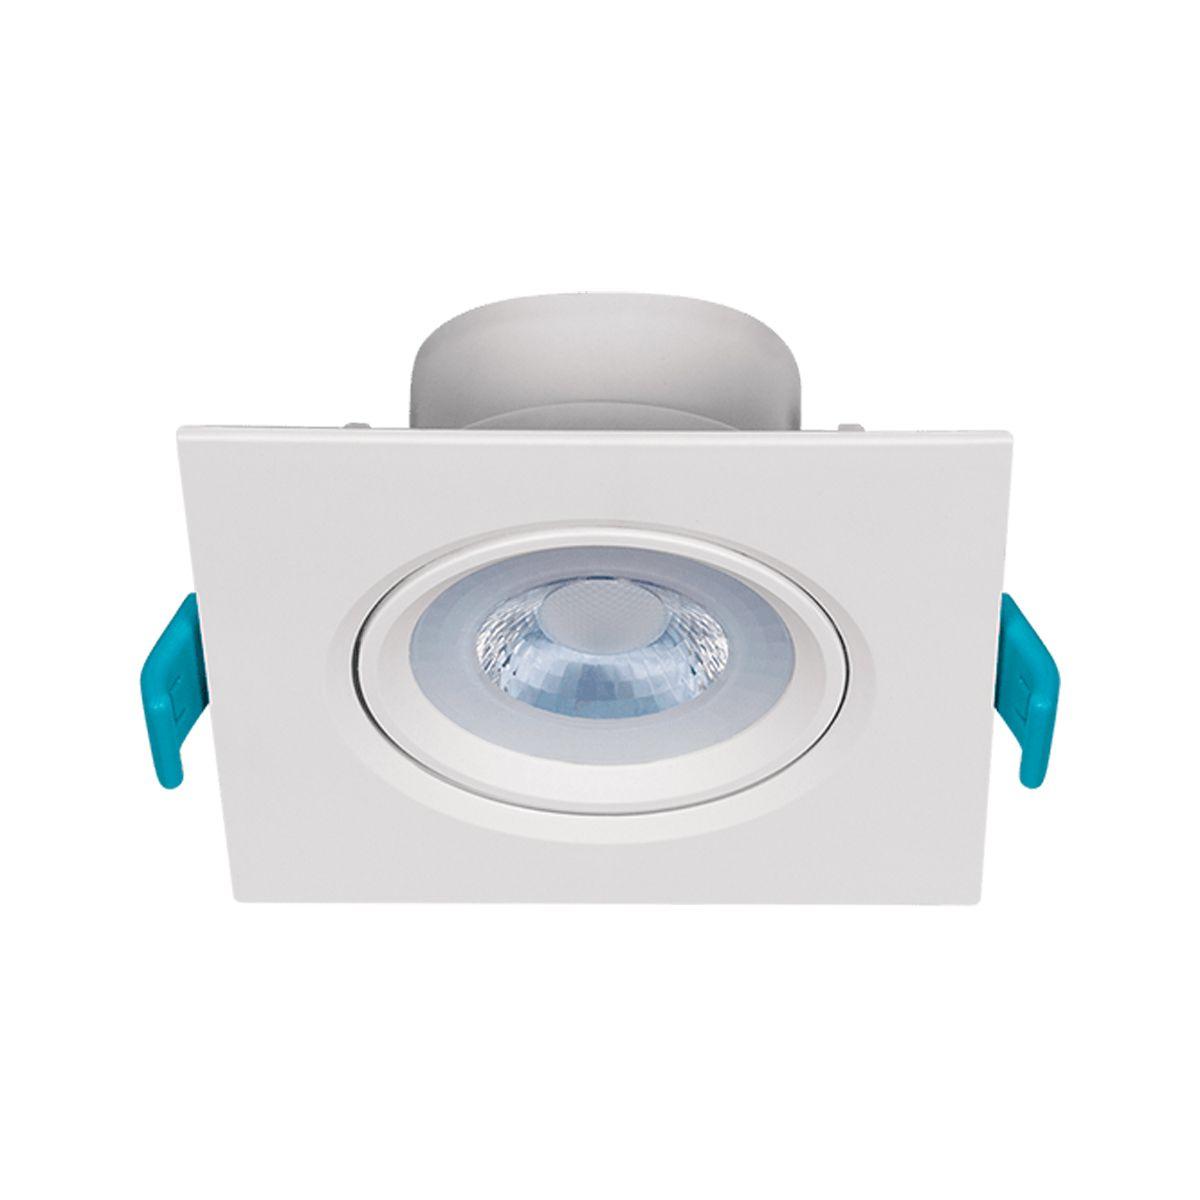 Embutido LED 4,5W MR16 Direcionável 300lm - STH7915/30